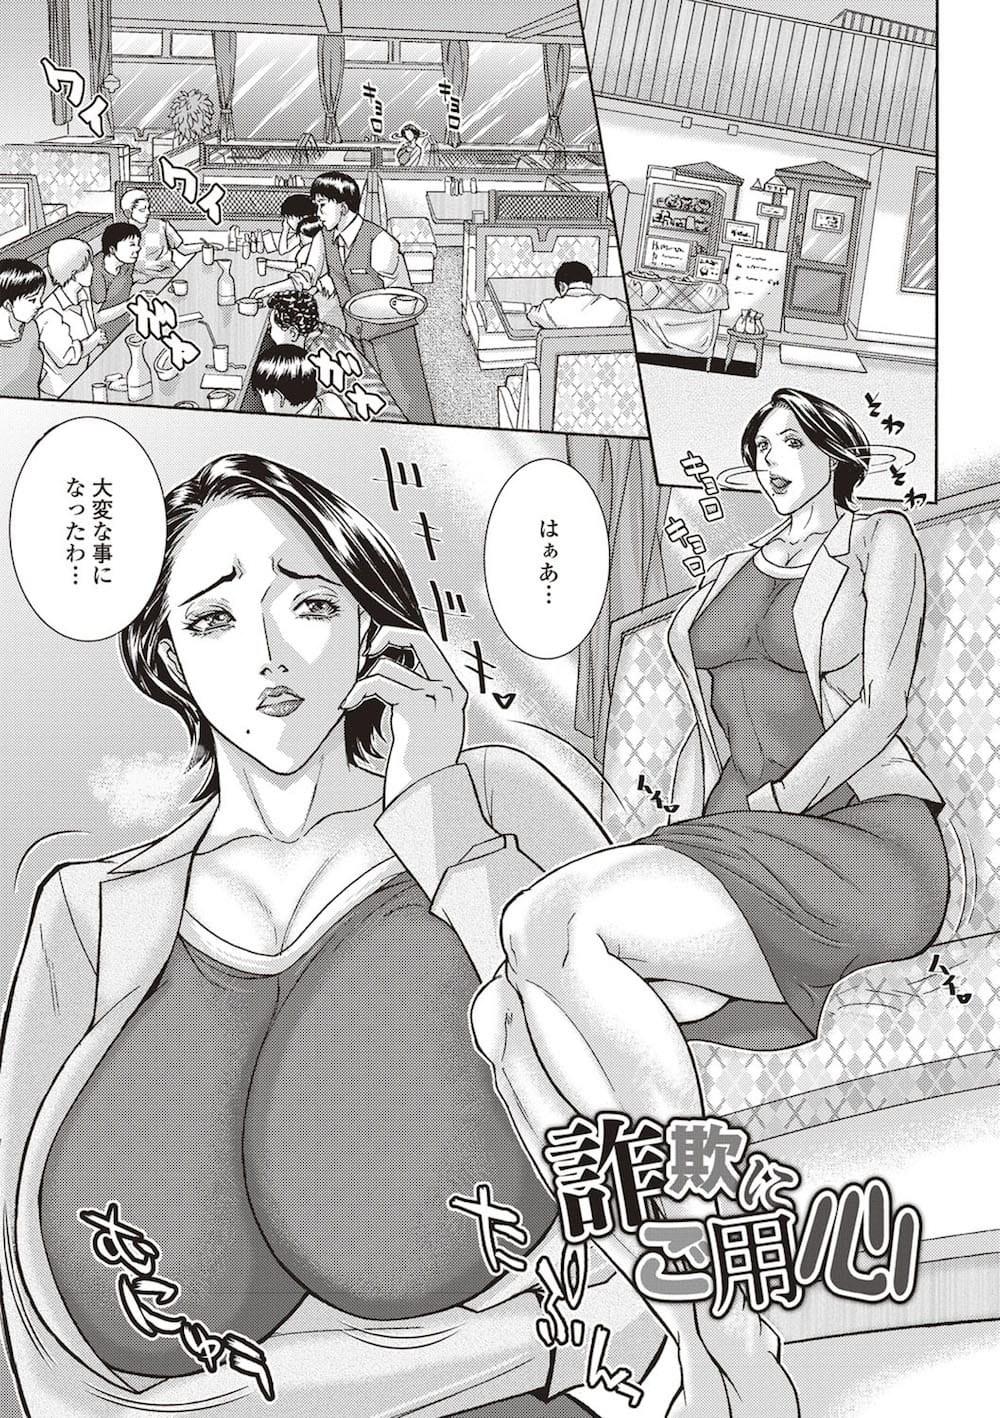 【エロ漫画・同人誌】息子が事故を起こしたと騙された熟女が足りない費用を身体で払うために4Pをするwww